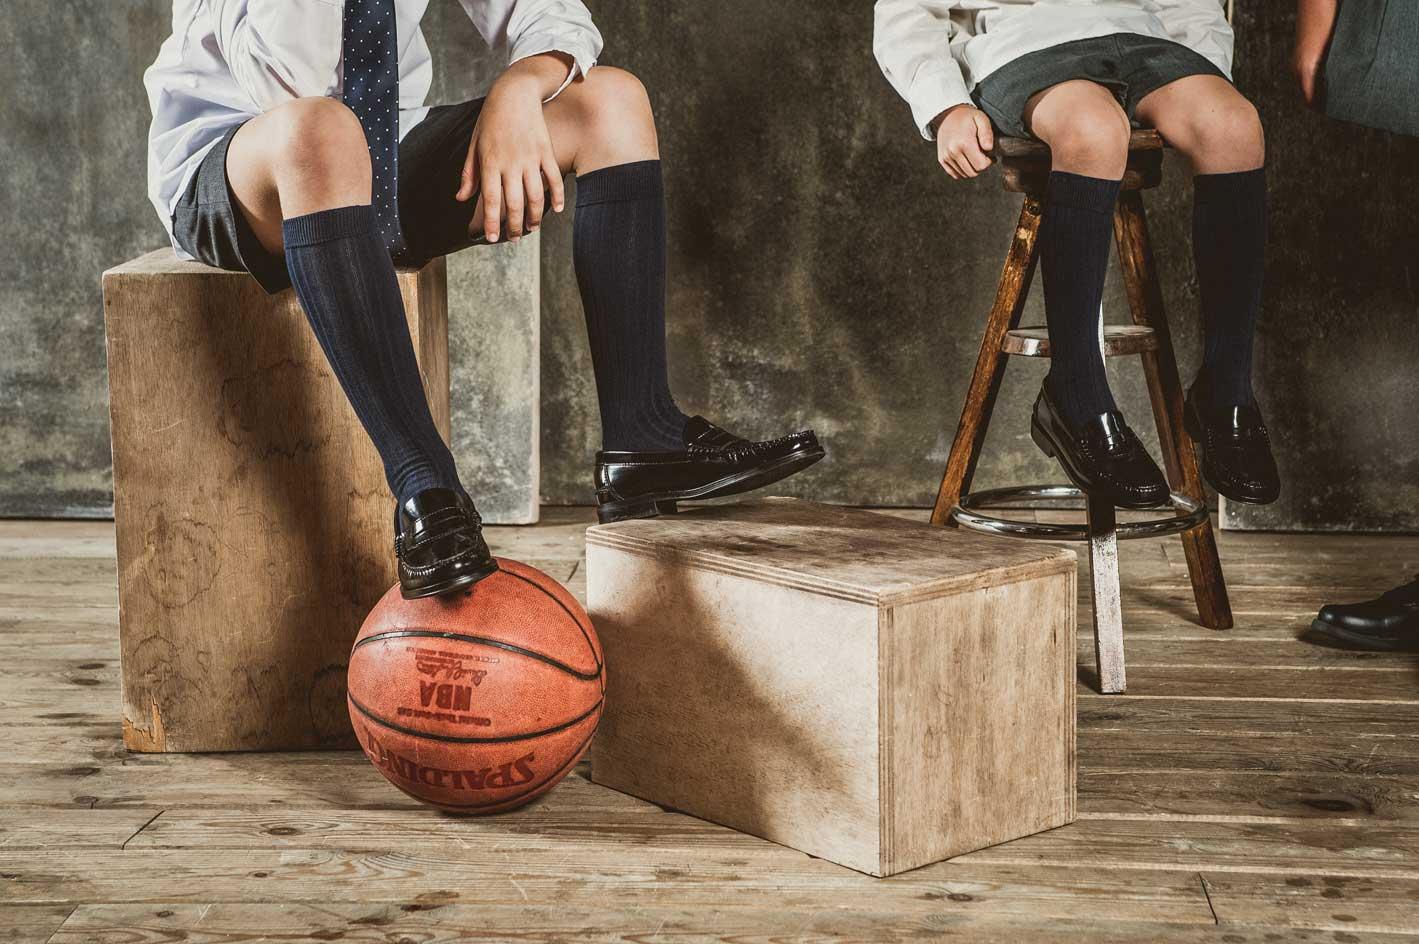 Qué deporte o extraescolar son los mejores para nuestros hijos